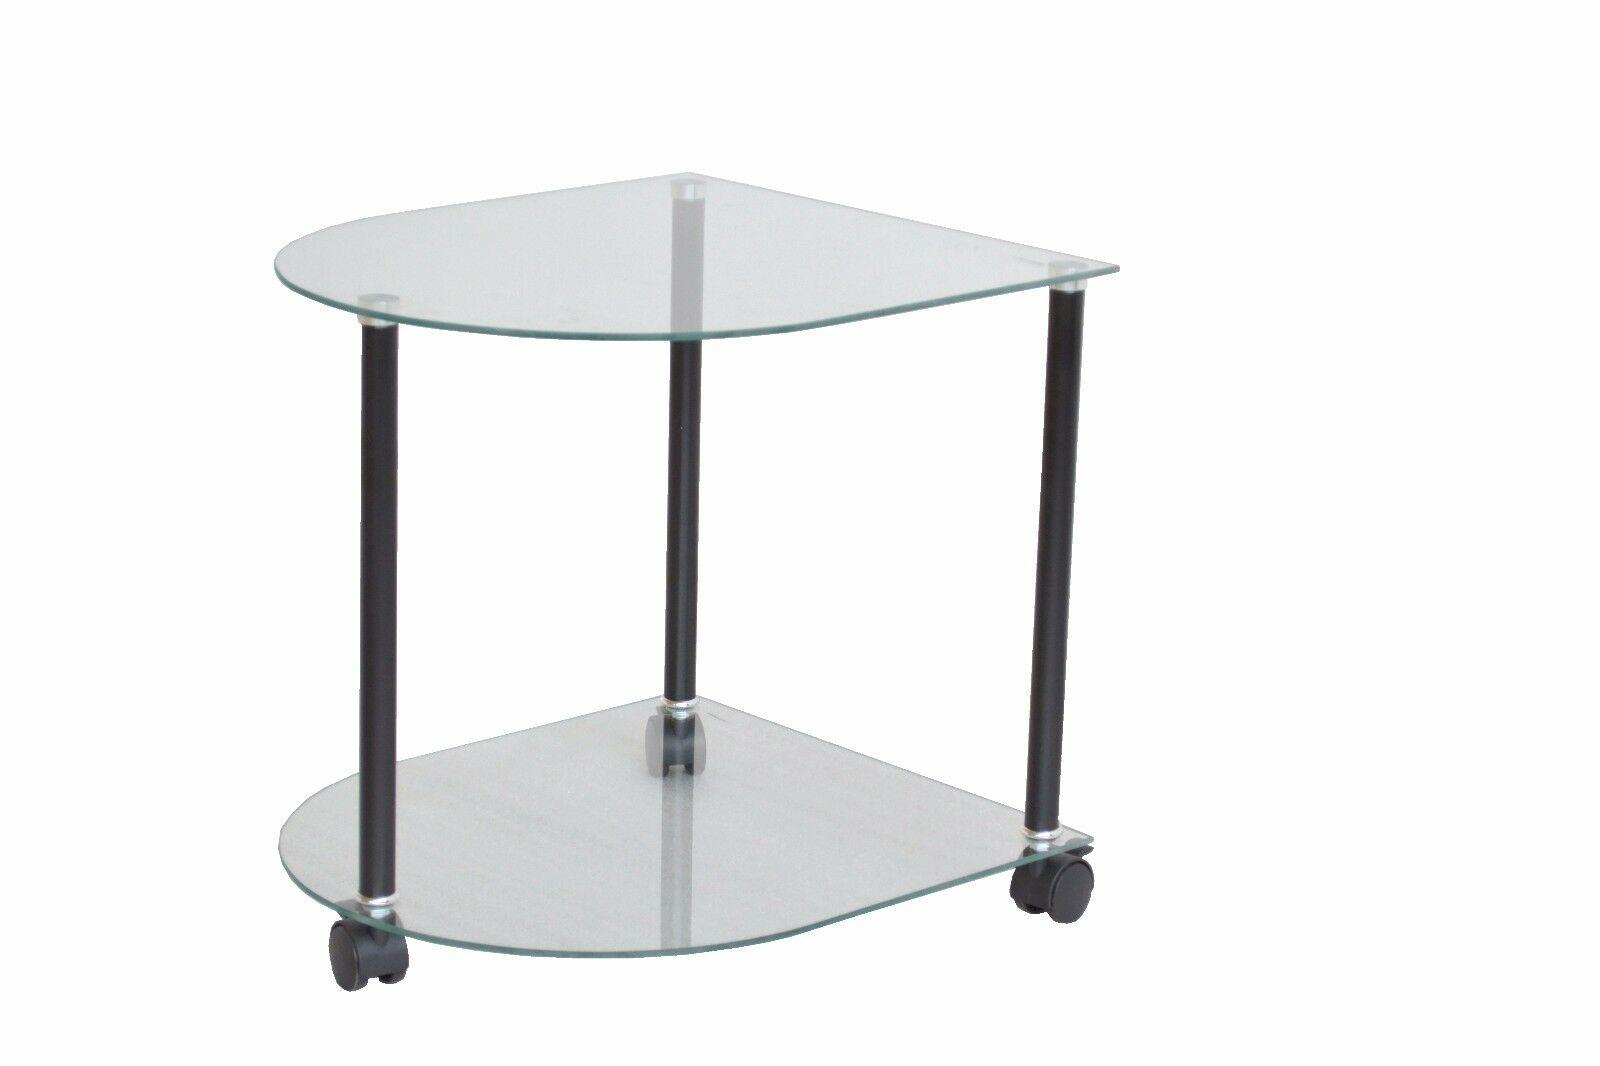 Glastisch Mit Rollen Finest Glastisch Couchtisch Planen